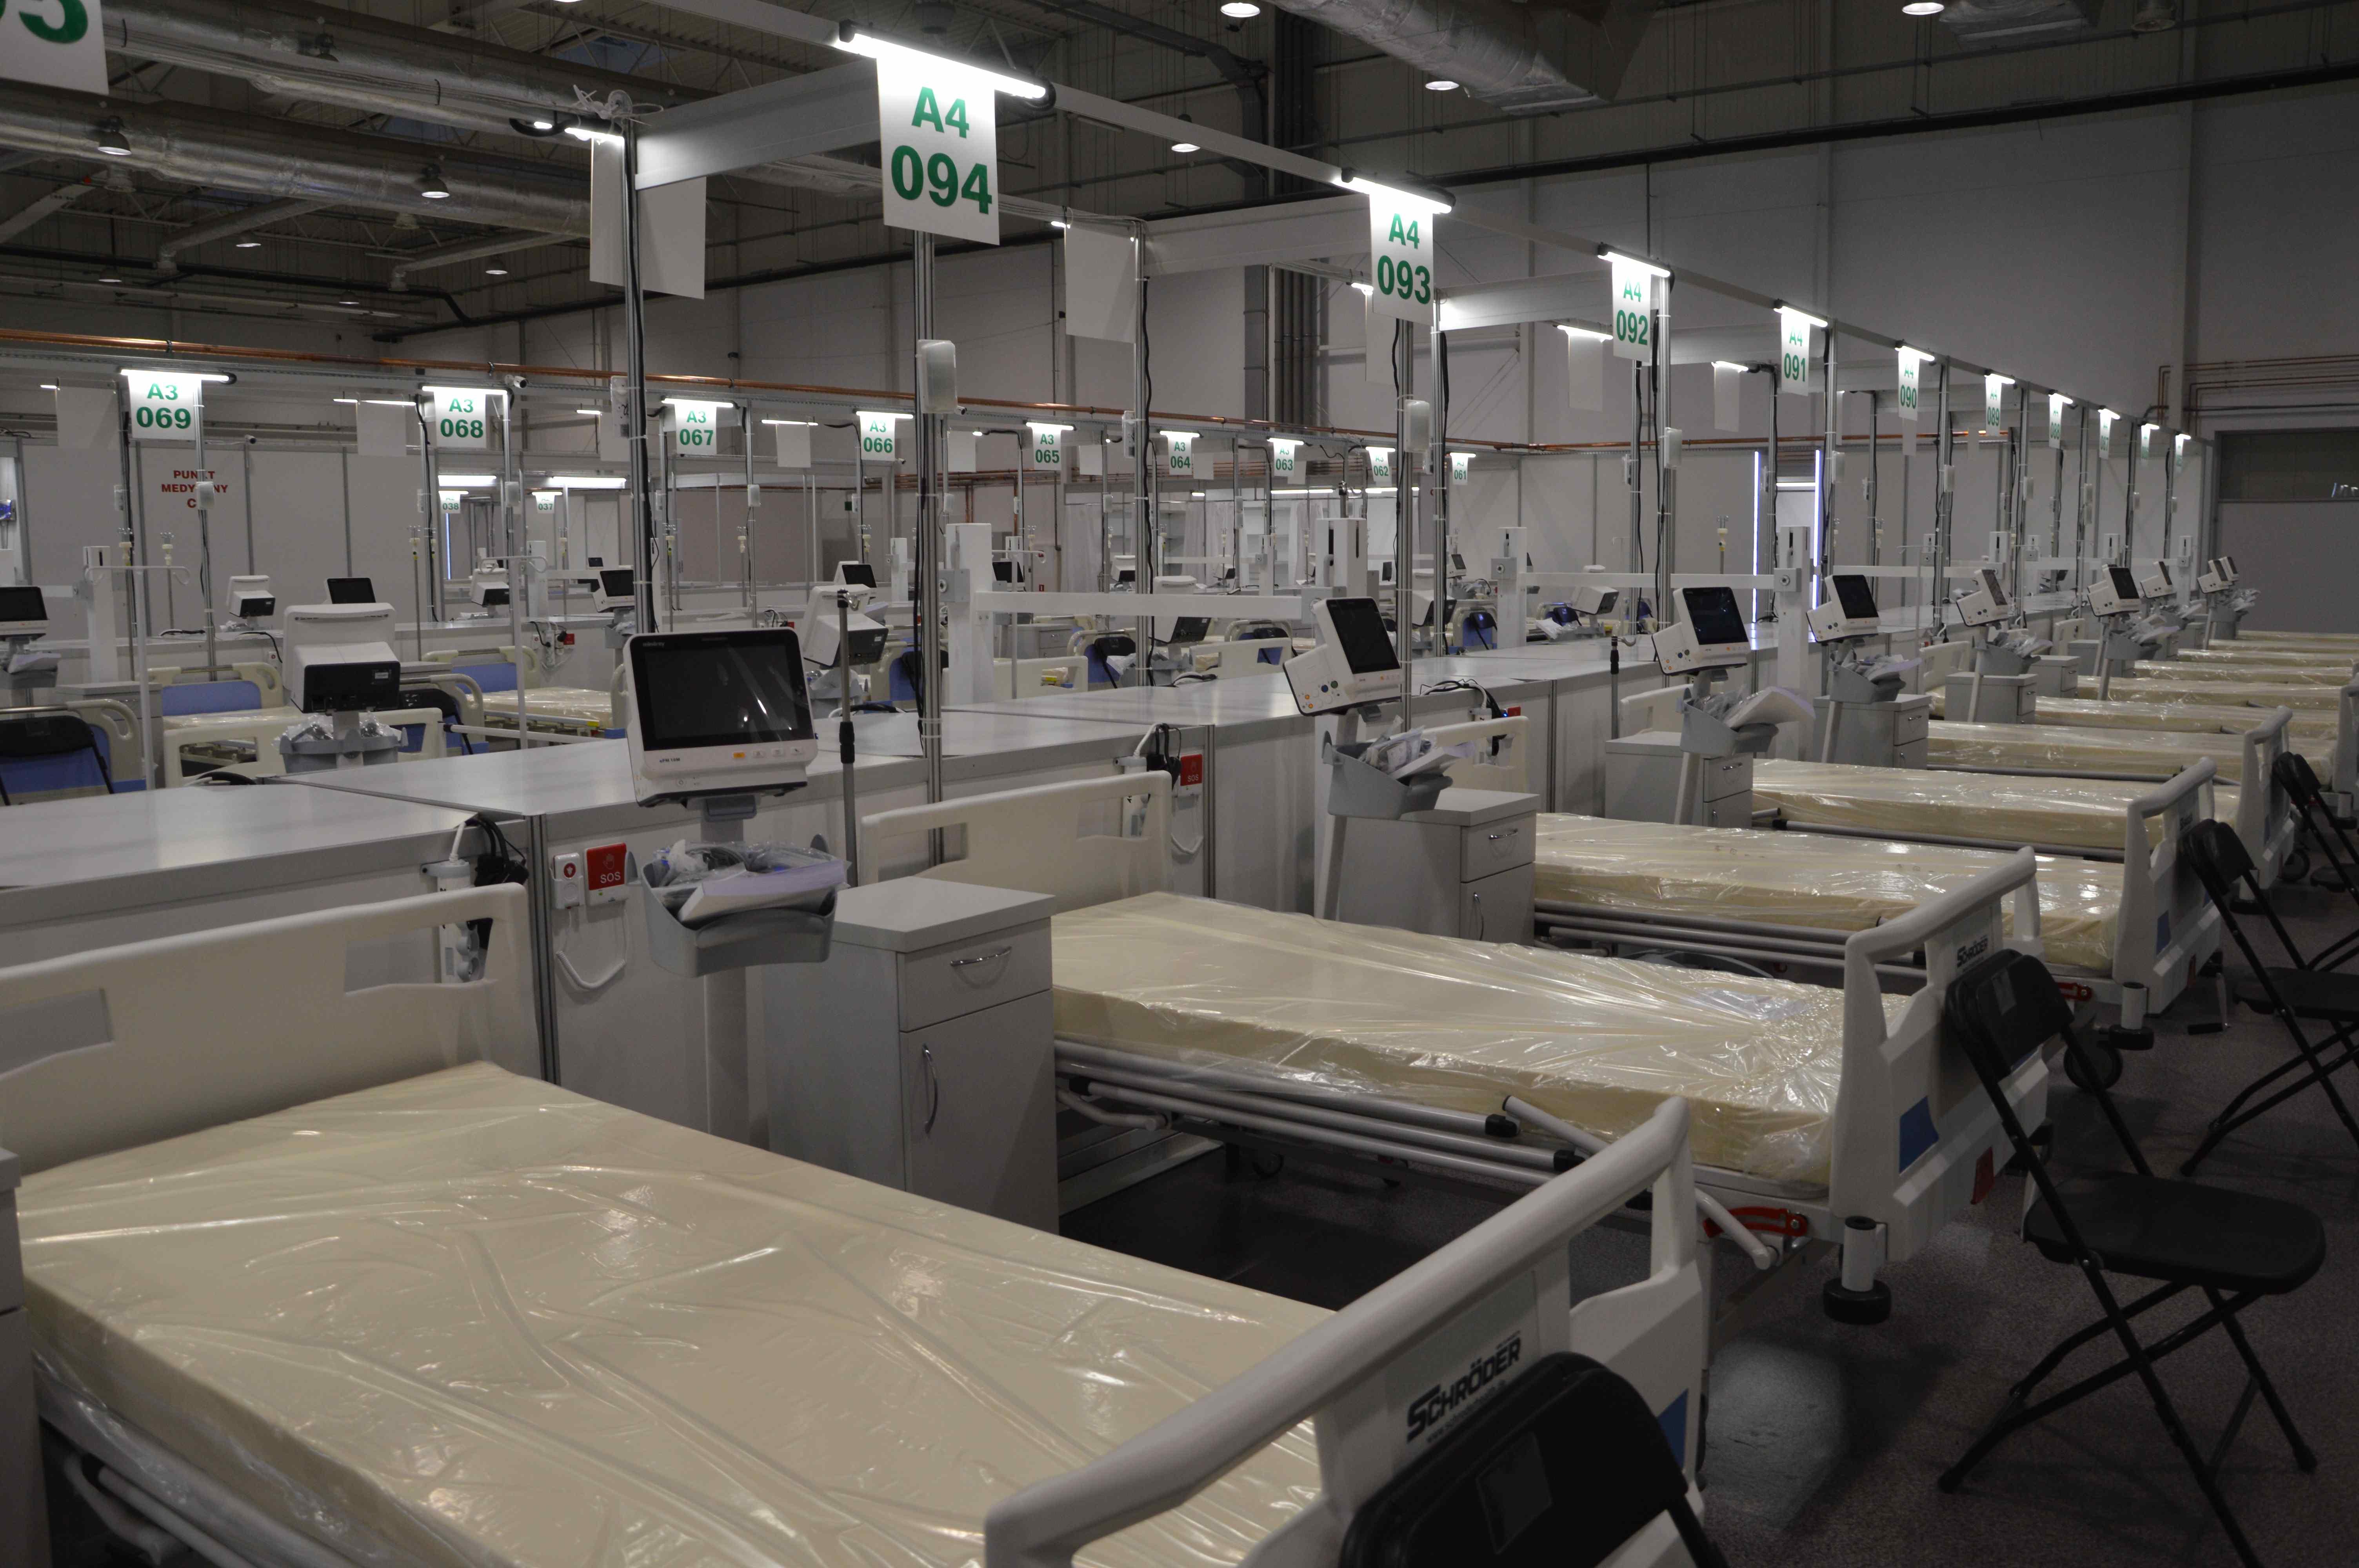 Lublin: Szpital tymczasowy zwiększa liczbę łóżek. Są też pierwsi od kilku miesięcy, pacjenci - Zdjęcie główne